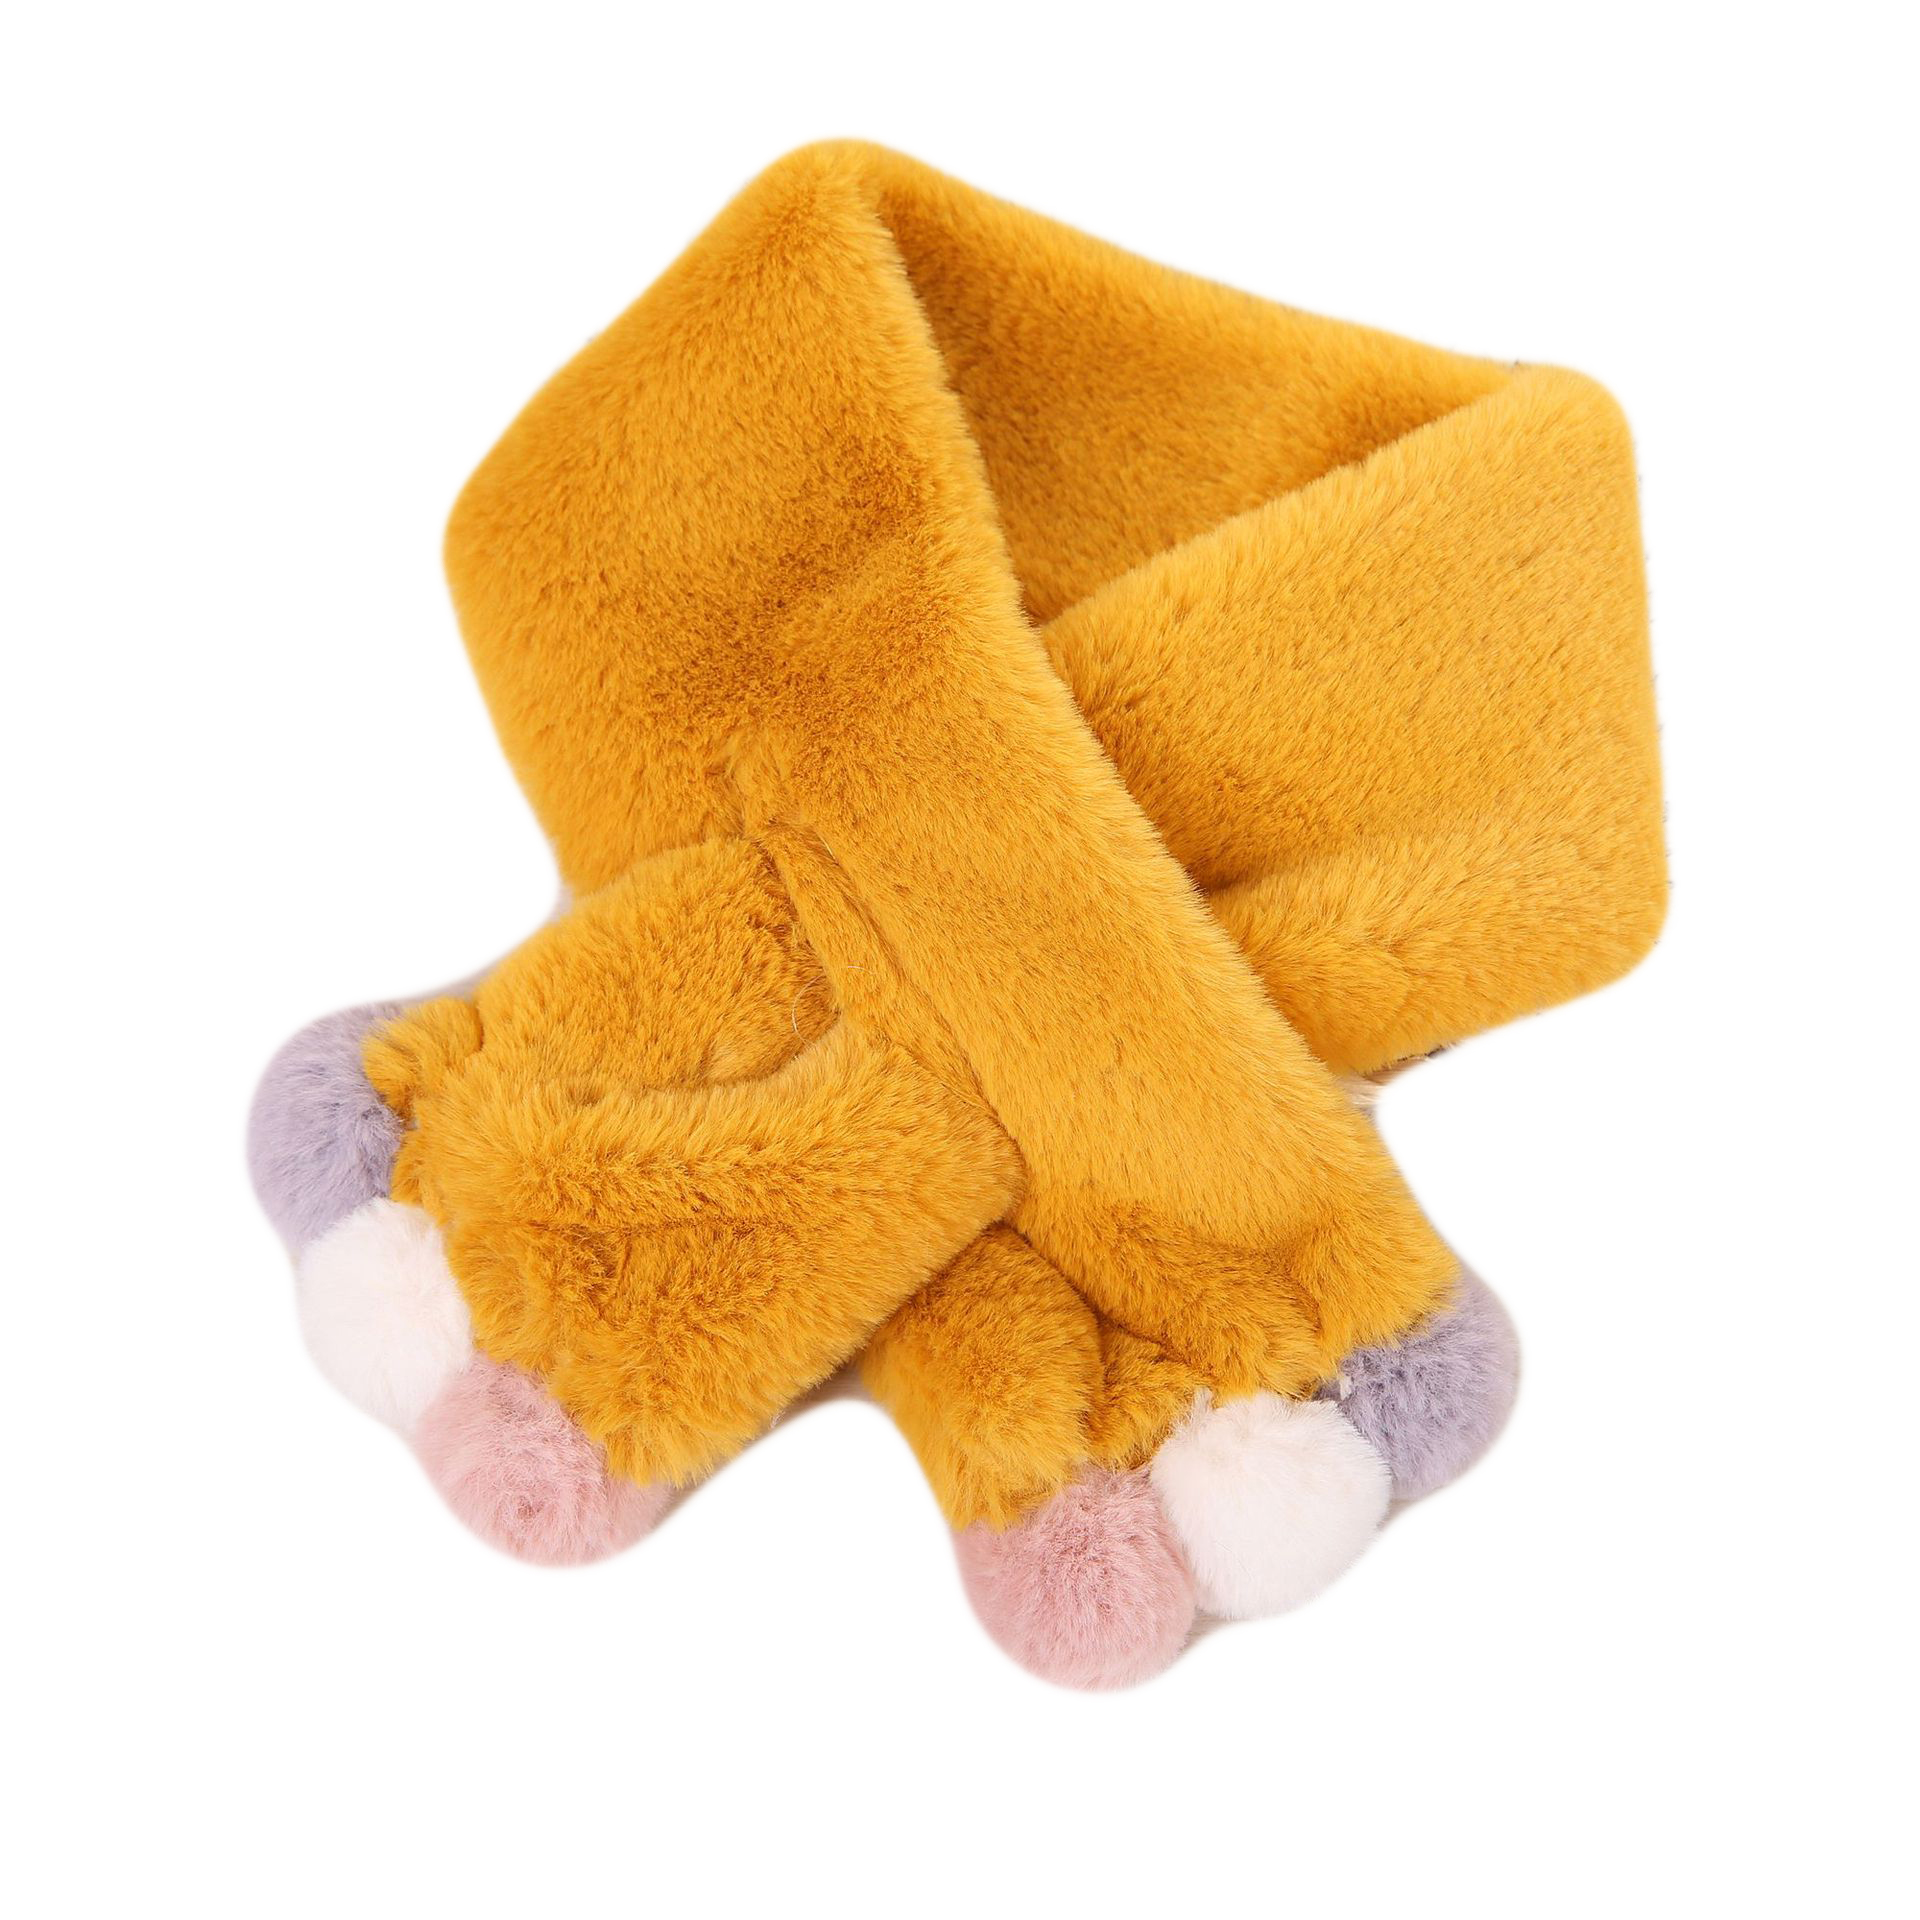 Зимний милый детский шарф, шарфы для мальчиков и девочек, детский шарф с воротником из искусственного меха кролика с помпоном, теплые шарфы - Цвет: yellow